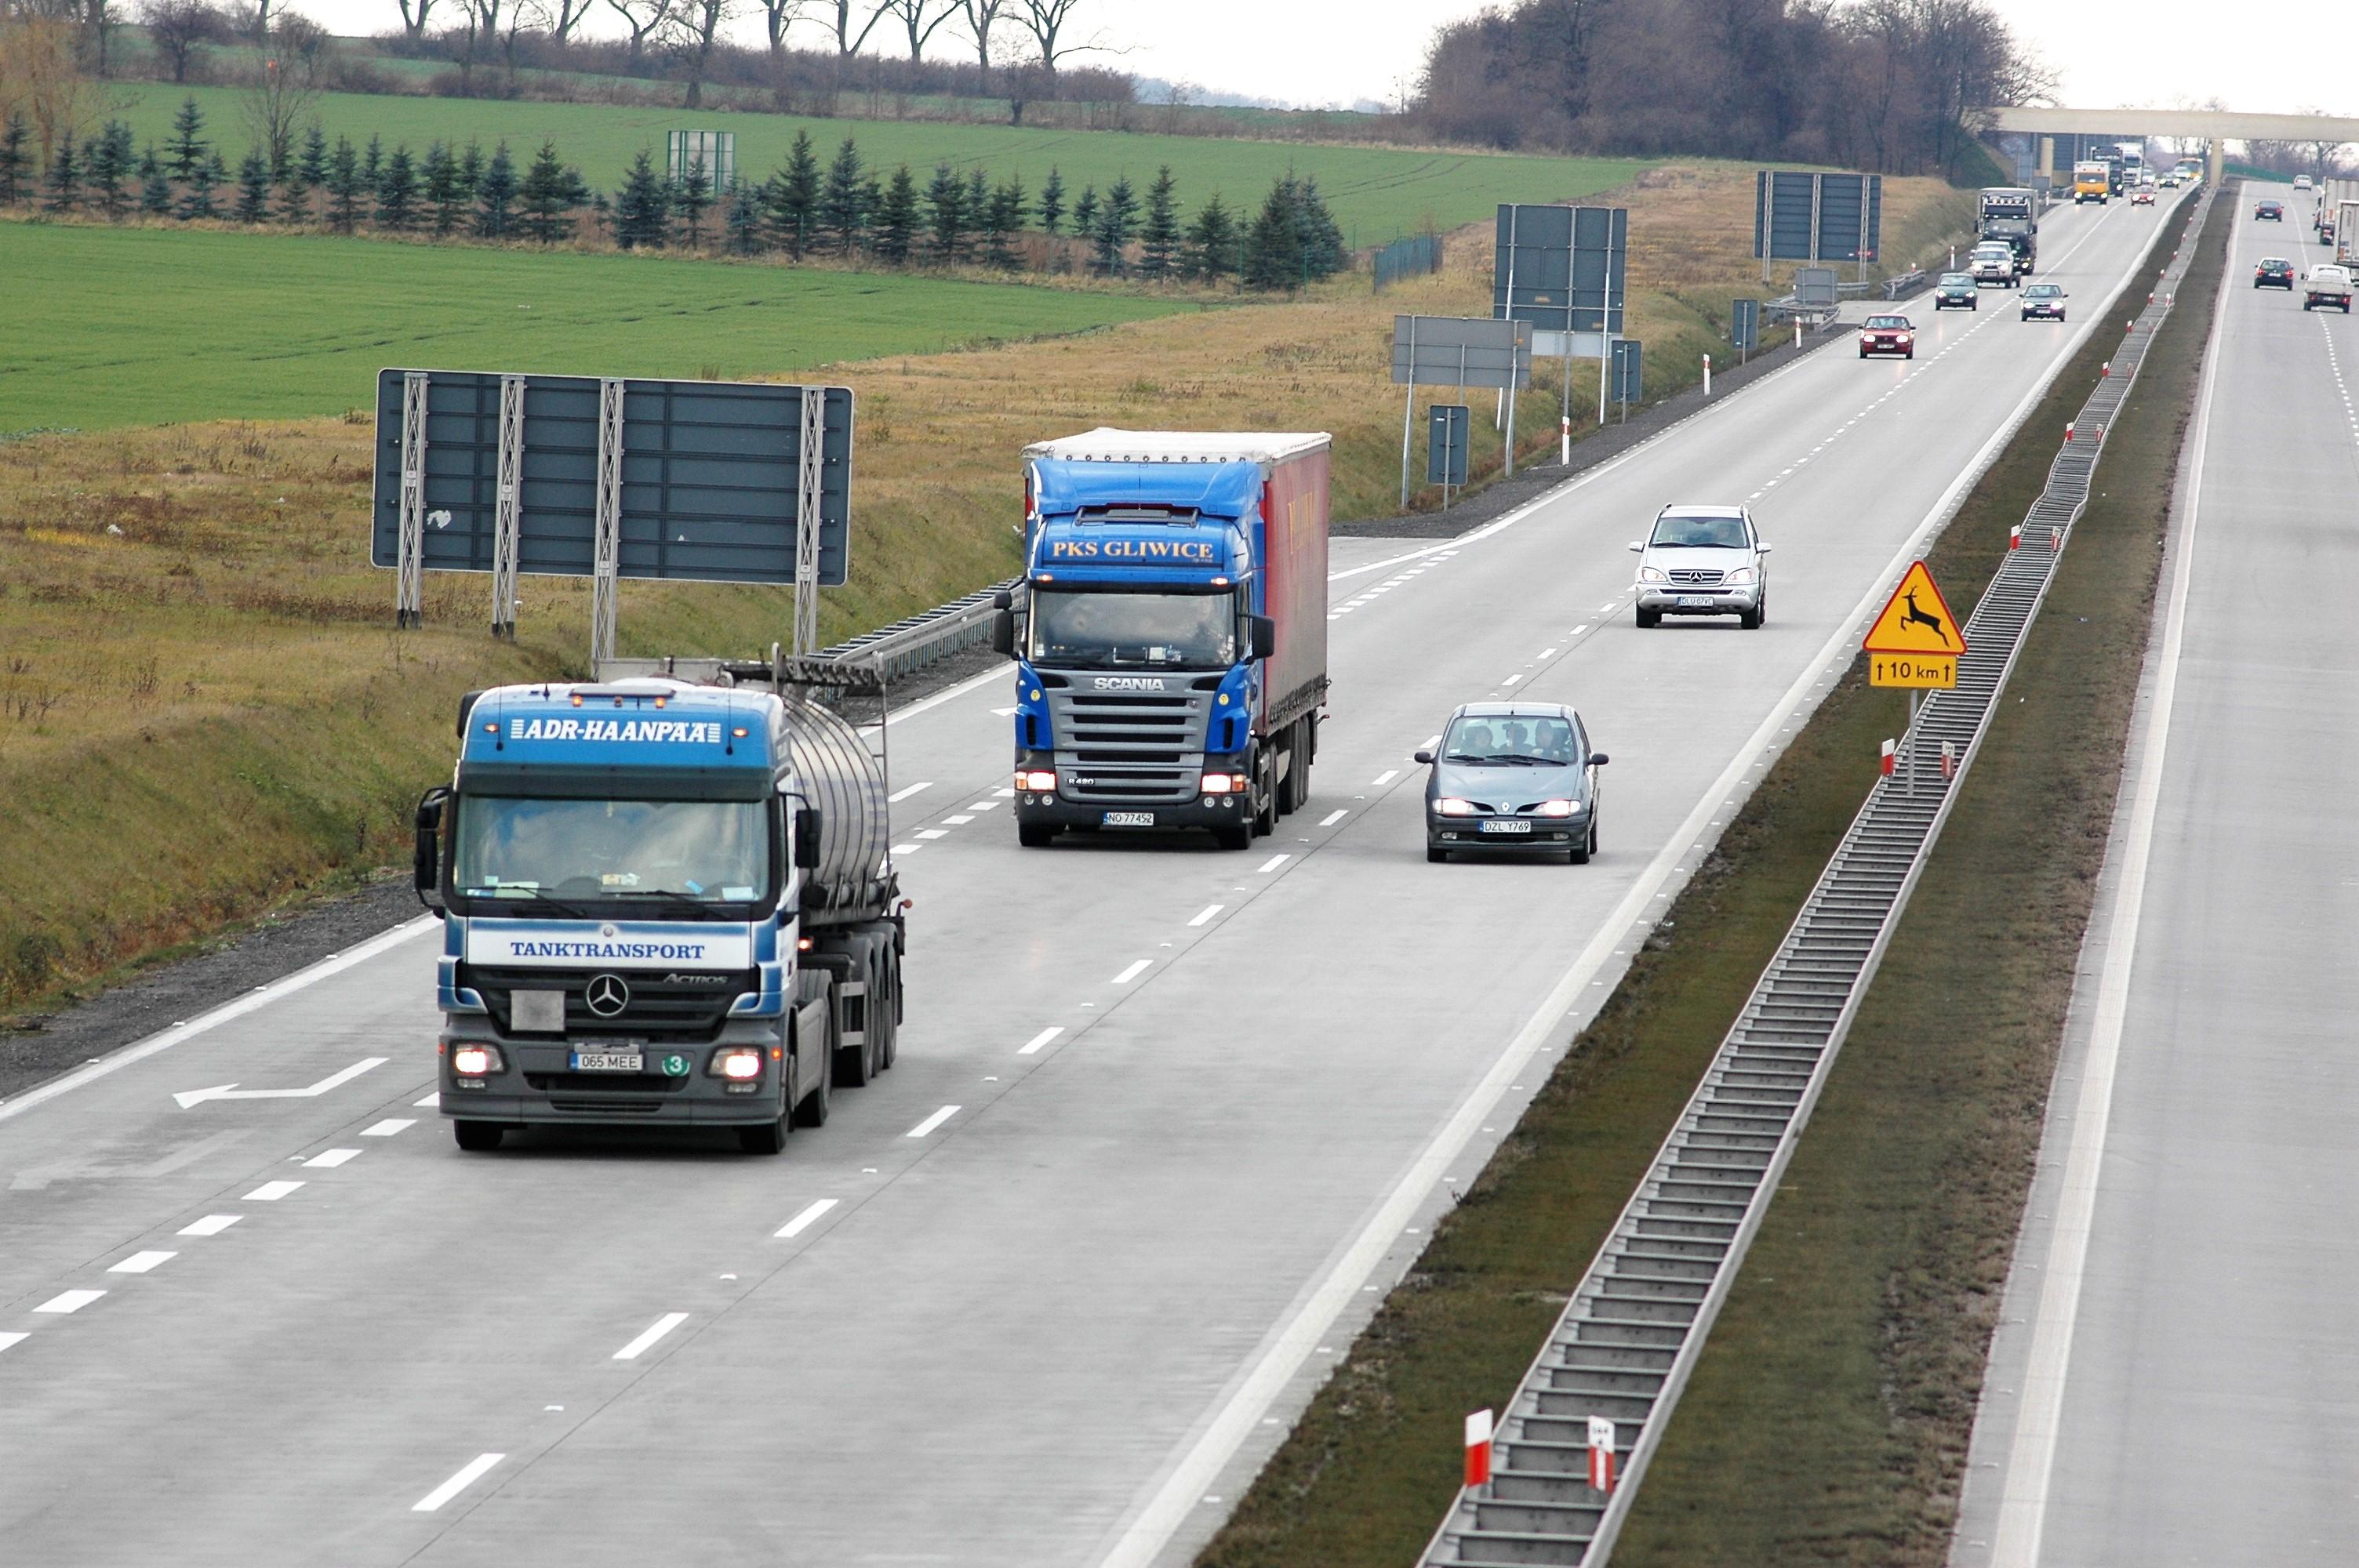 Veiklą į Lenkiją jau perkėlė beveik 500 Lietuvos transporto įmonių. Iki metų pabaigos jos valdys apie 4,5 tūkst. vilkikų